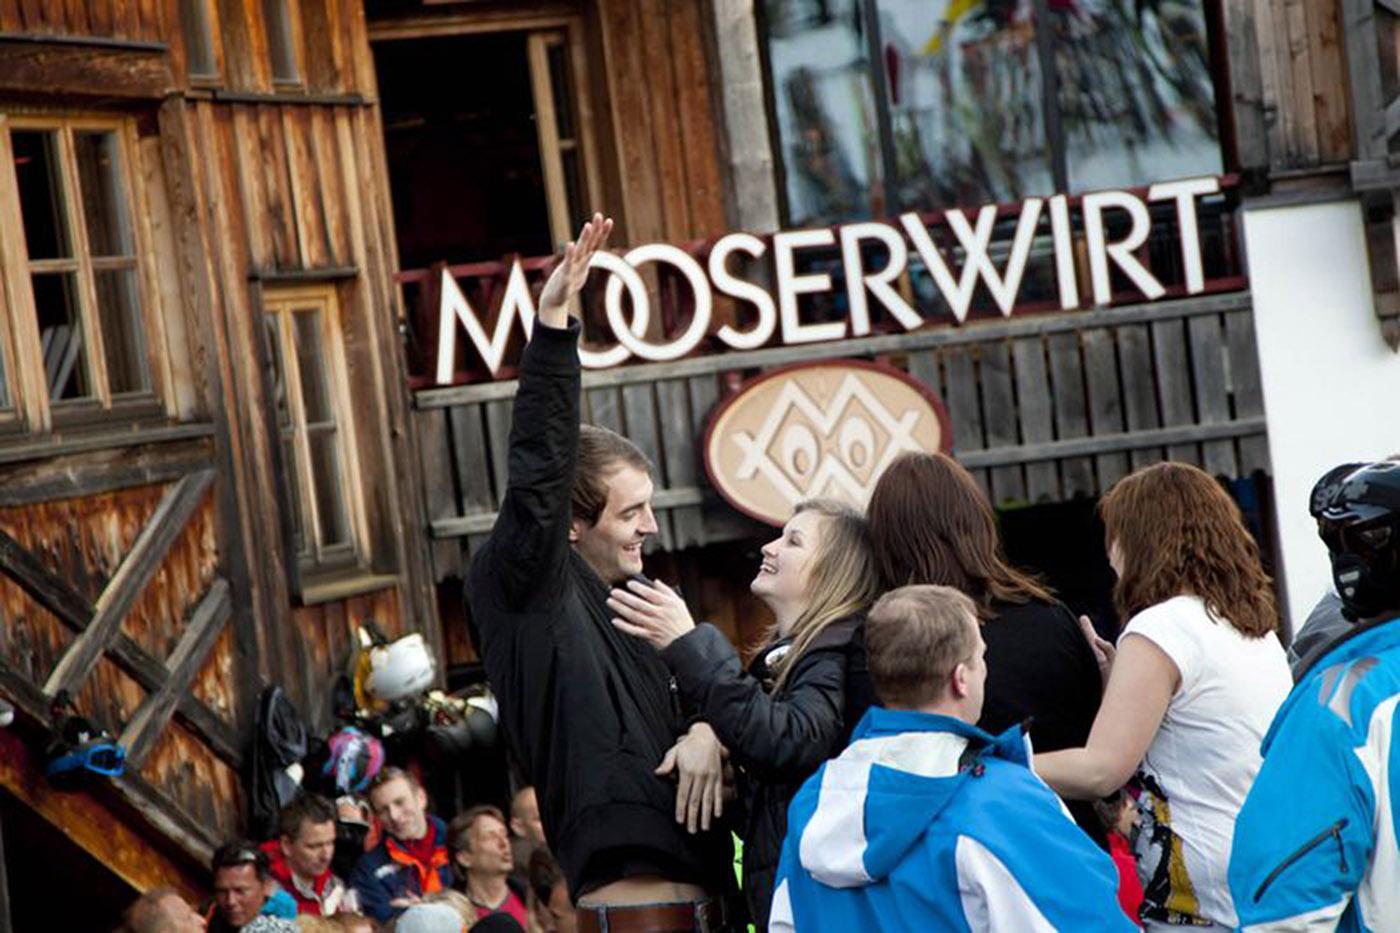 """La estridente barra de """"MooserWirt"""" sirve la mayor cantidad de cerveza por metro cuadrado en Austria (MooserWirt/The Washington Post)"""